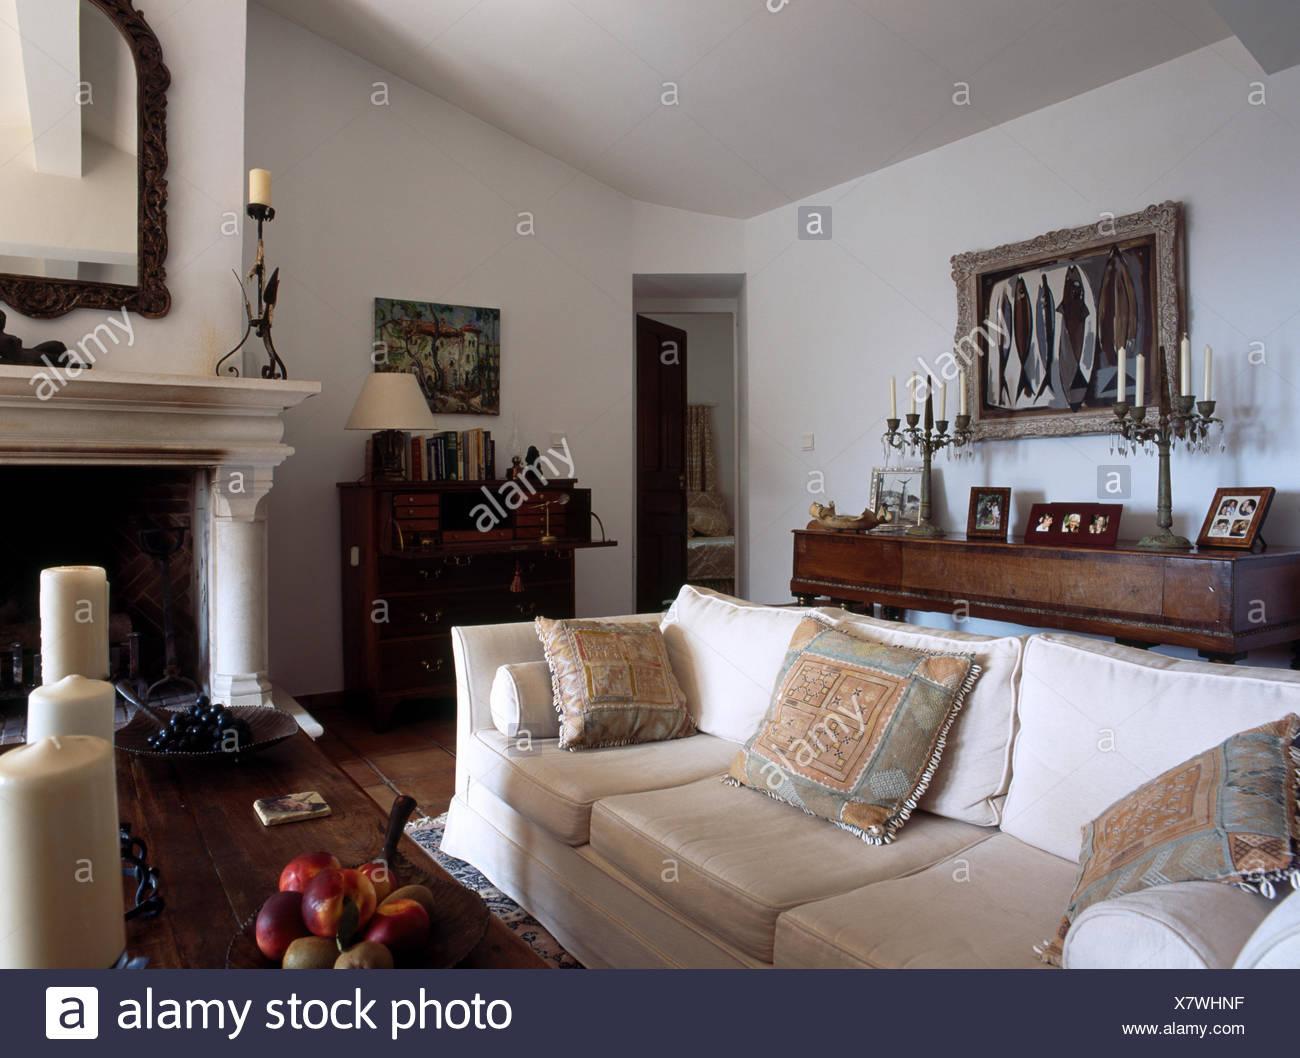 Hervorragend Creme Sofa In Französischer Landhaus Wohnzimmer Mit Weißen Wänden Und Kamin  Stockbild